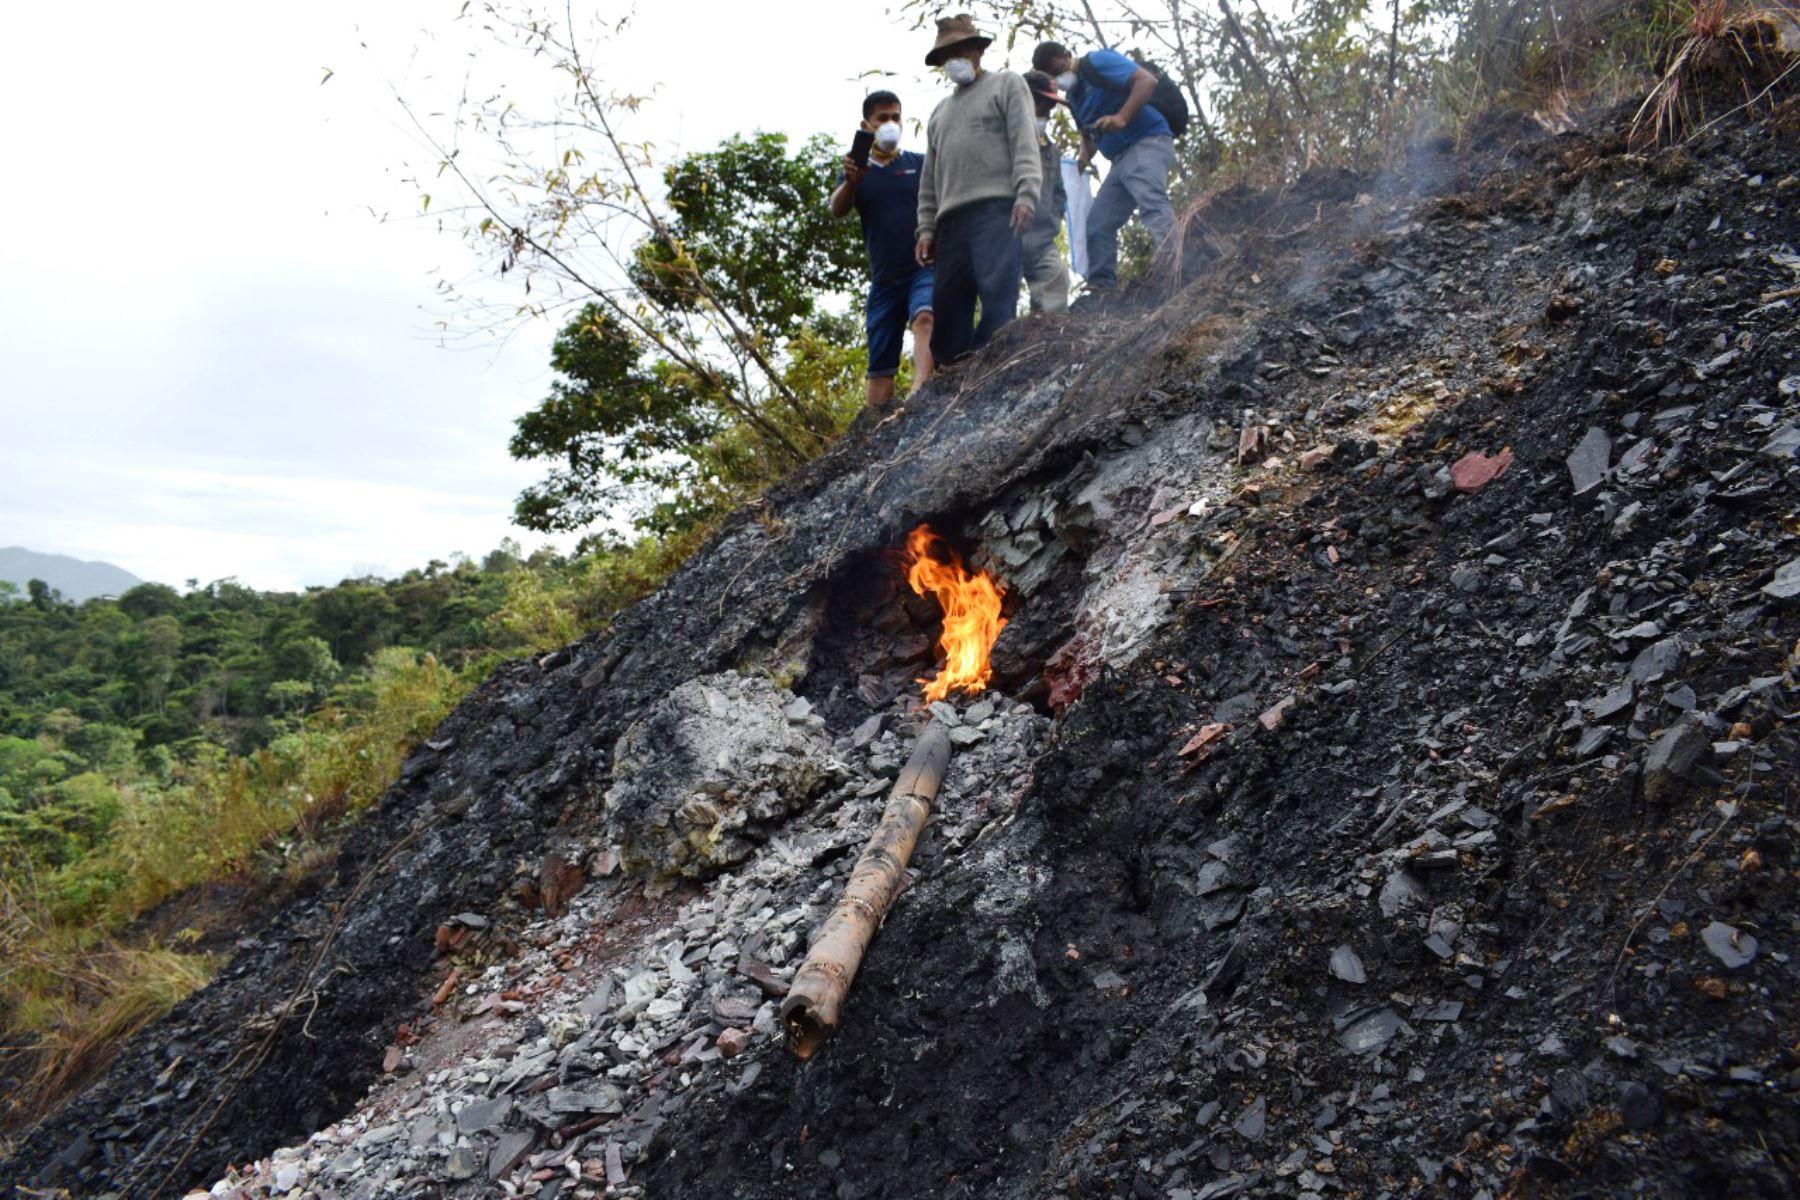 IGP descarta presunta actividad volcánica en Ayacucho y afirma que fenómeno está asociado a combustión de rocas. Fotos: Wenceslao Sicha Quispe/, Municipalidad de Anchihuay/Willy Villa Navarro, DelVRAEM